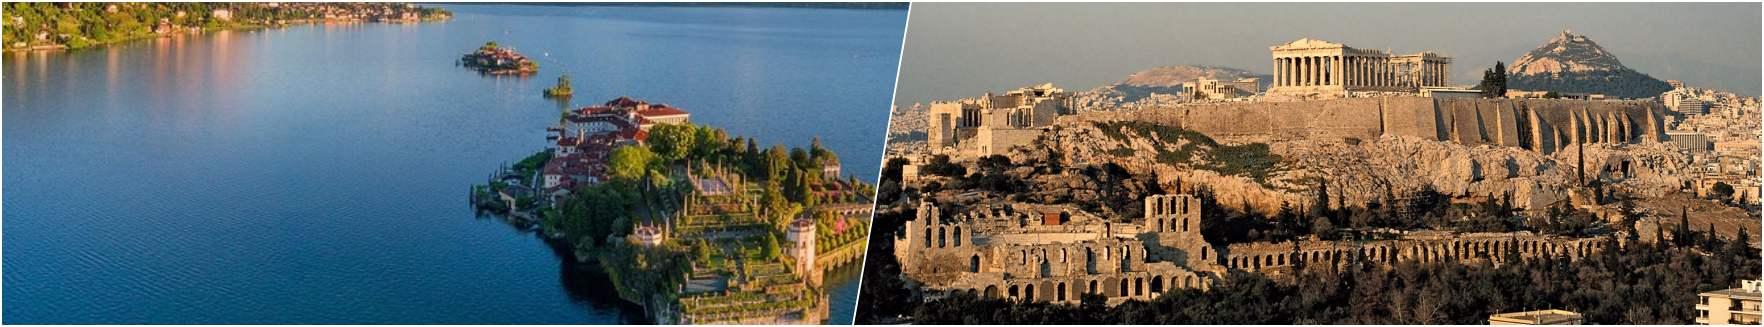 Lake Maggiore - Athens